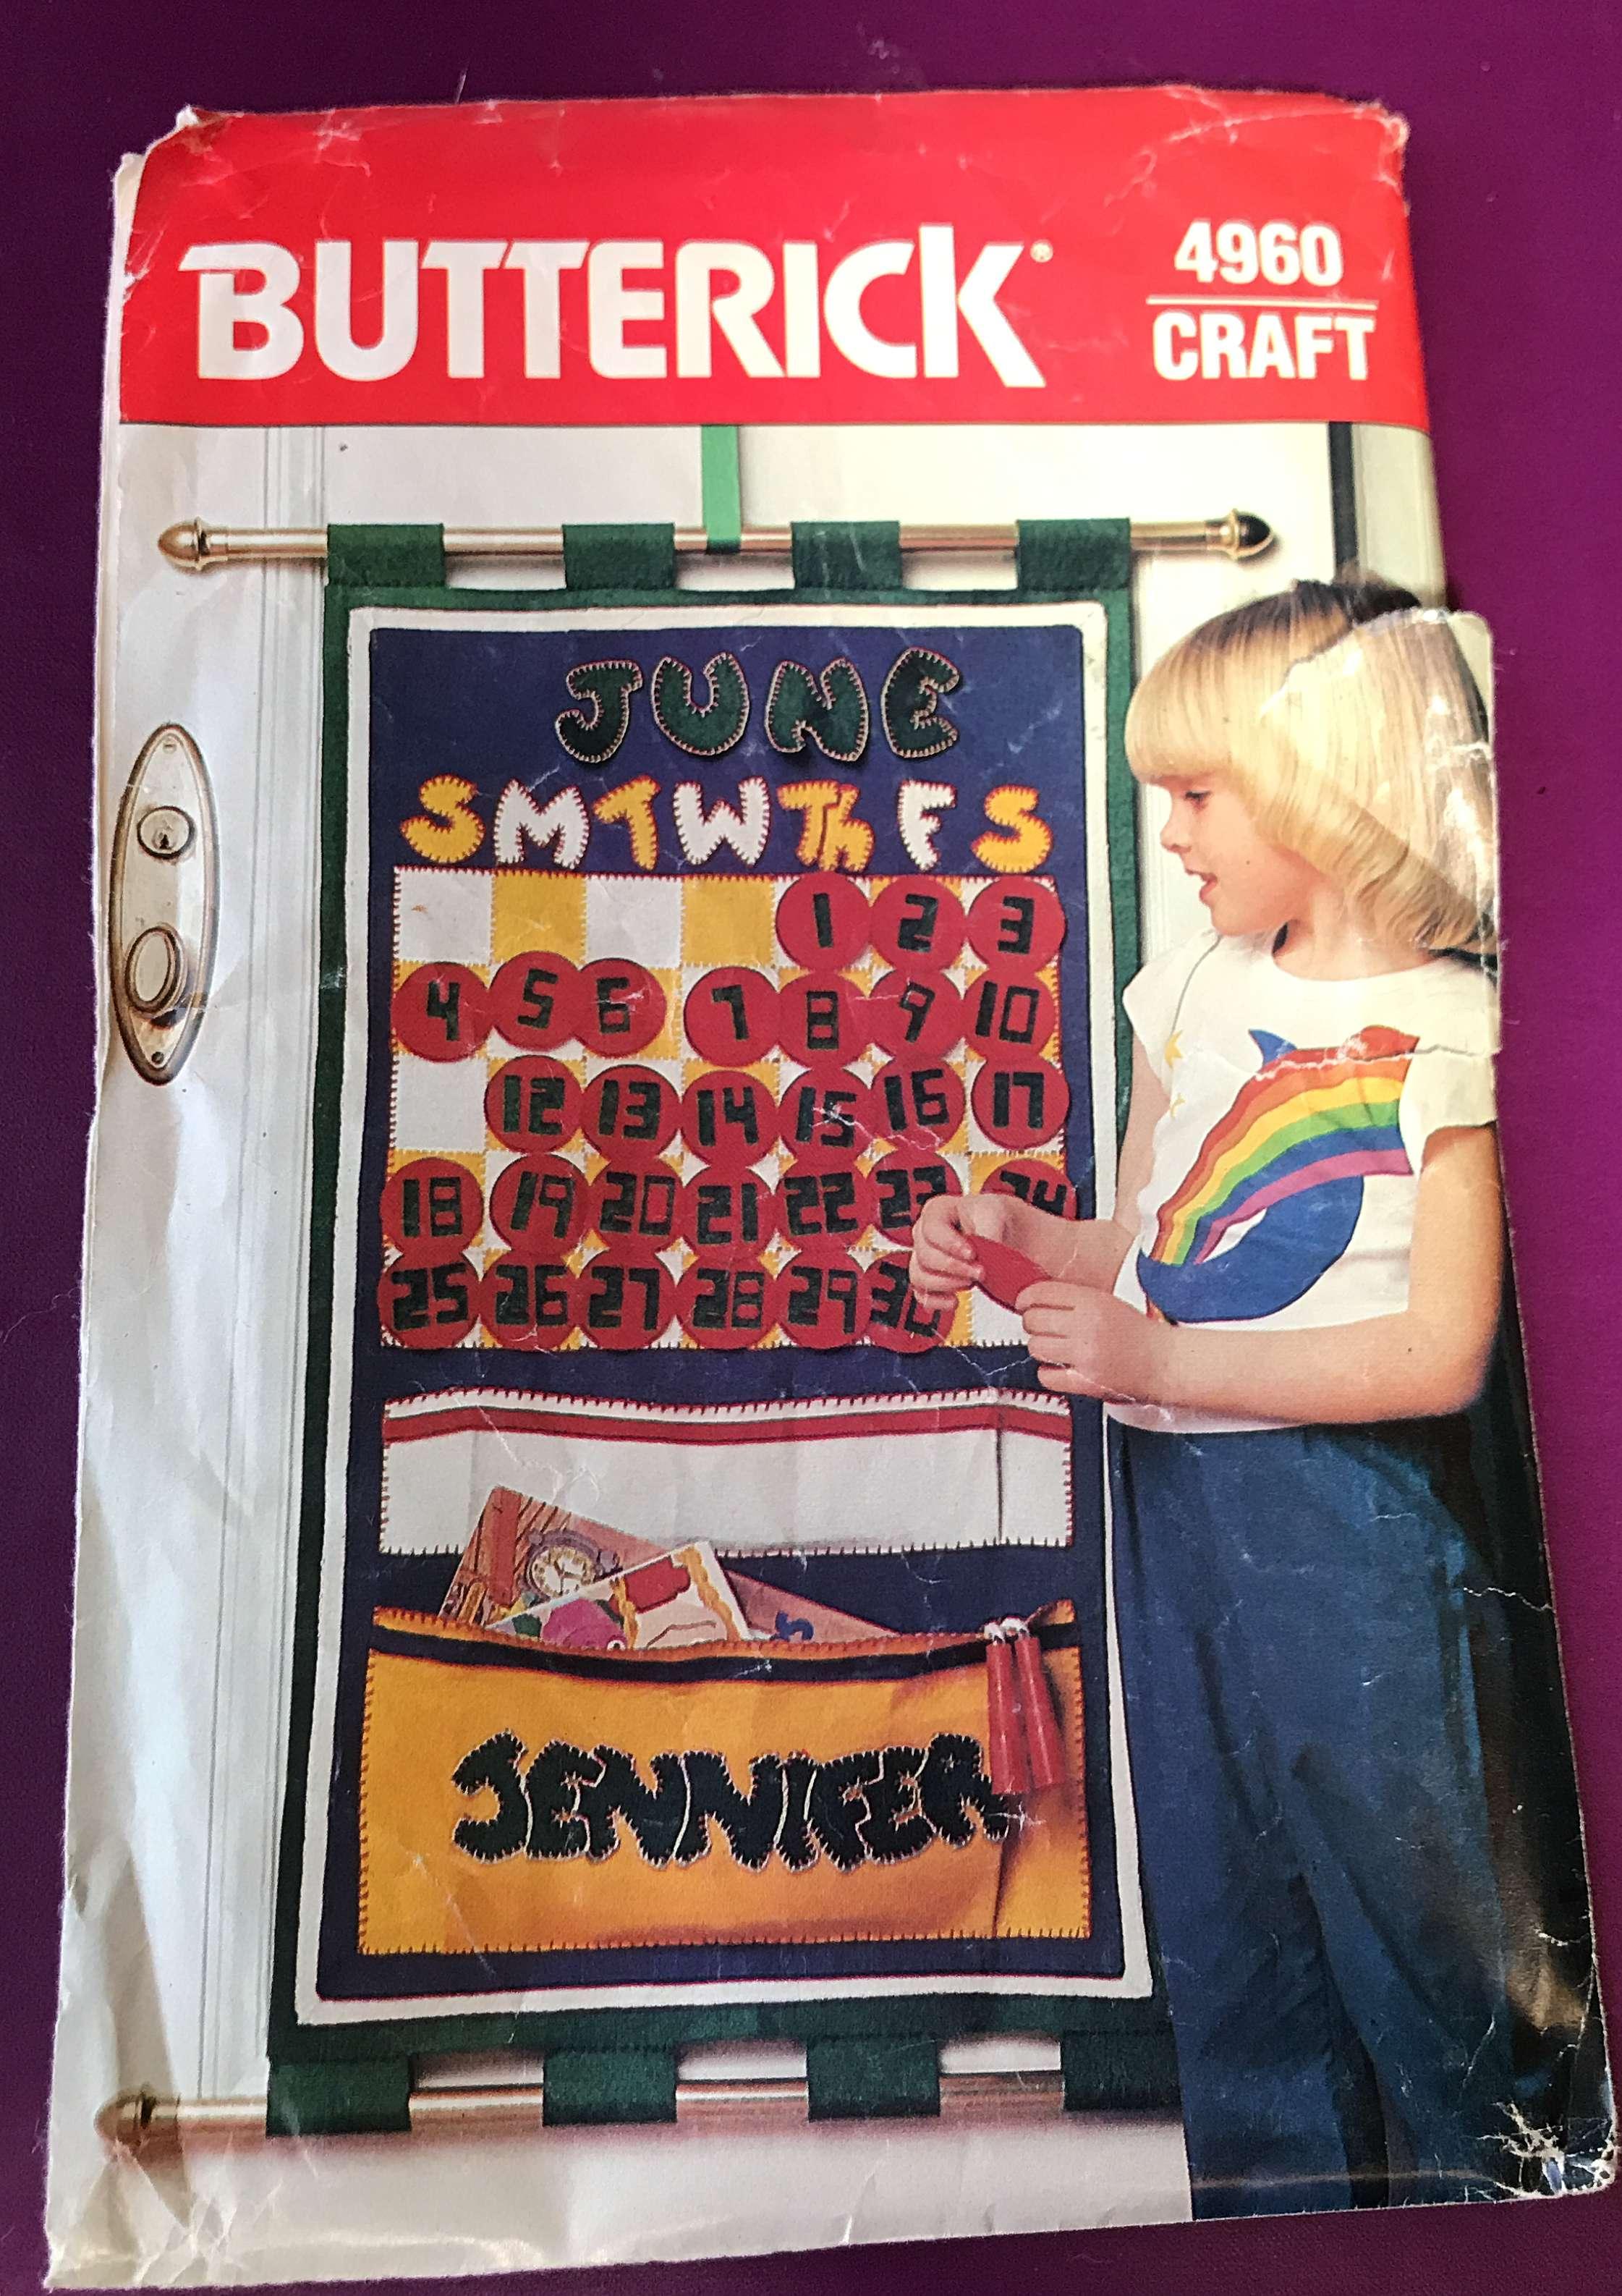 Butterick 4960 B